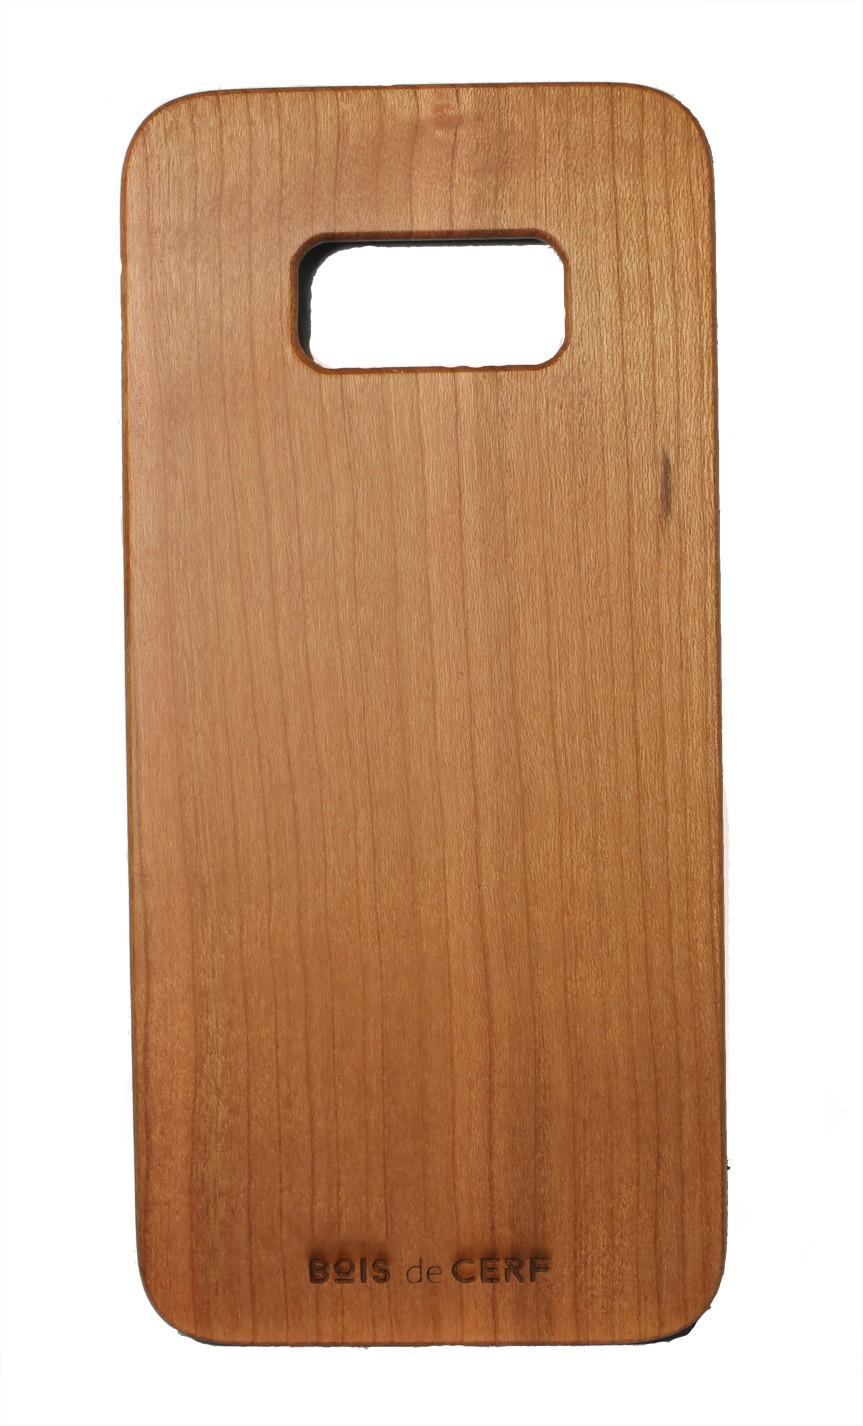 Funda de madera case Galaxy S8